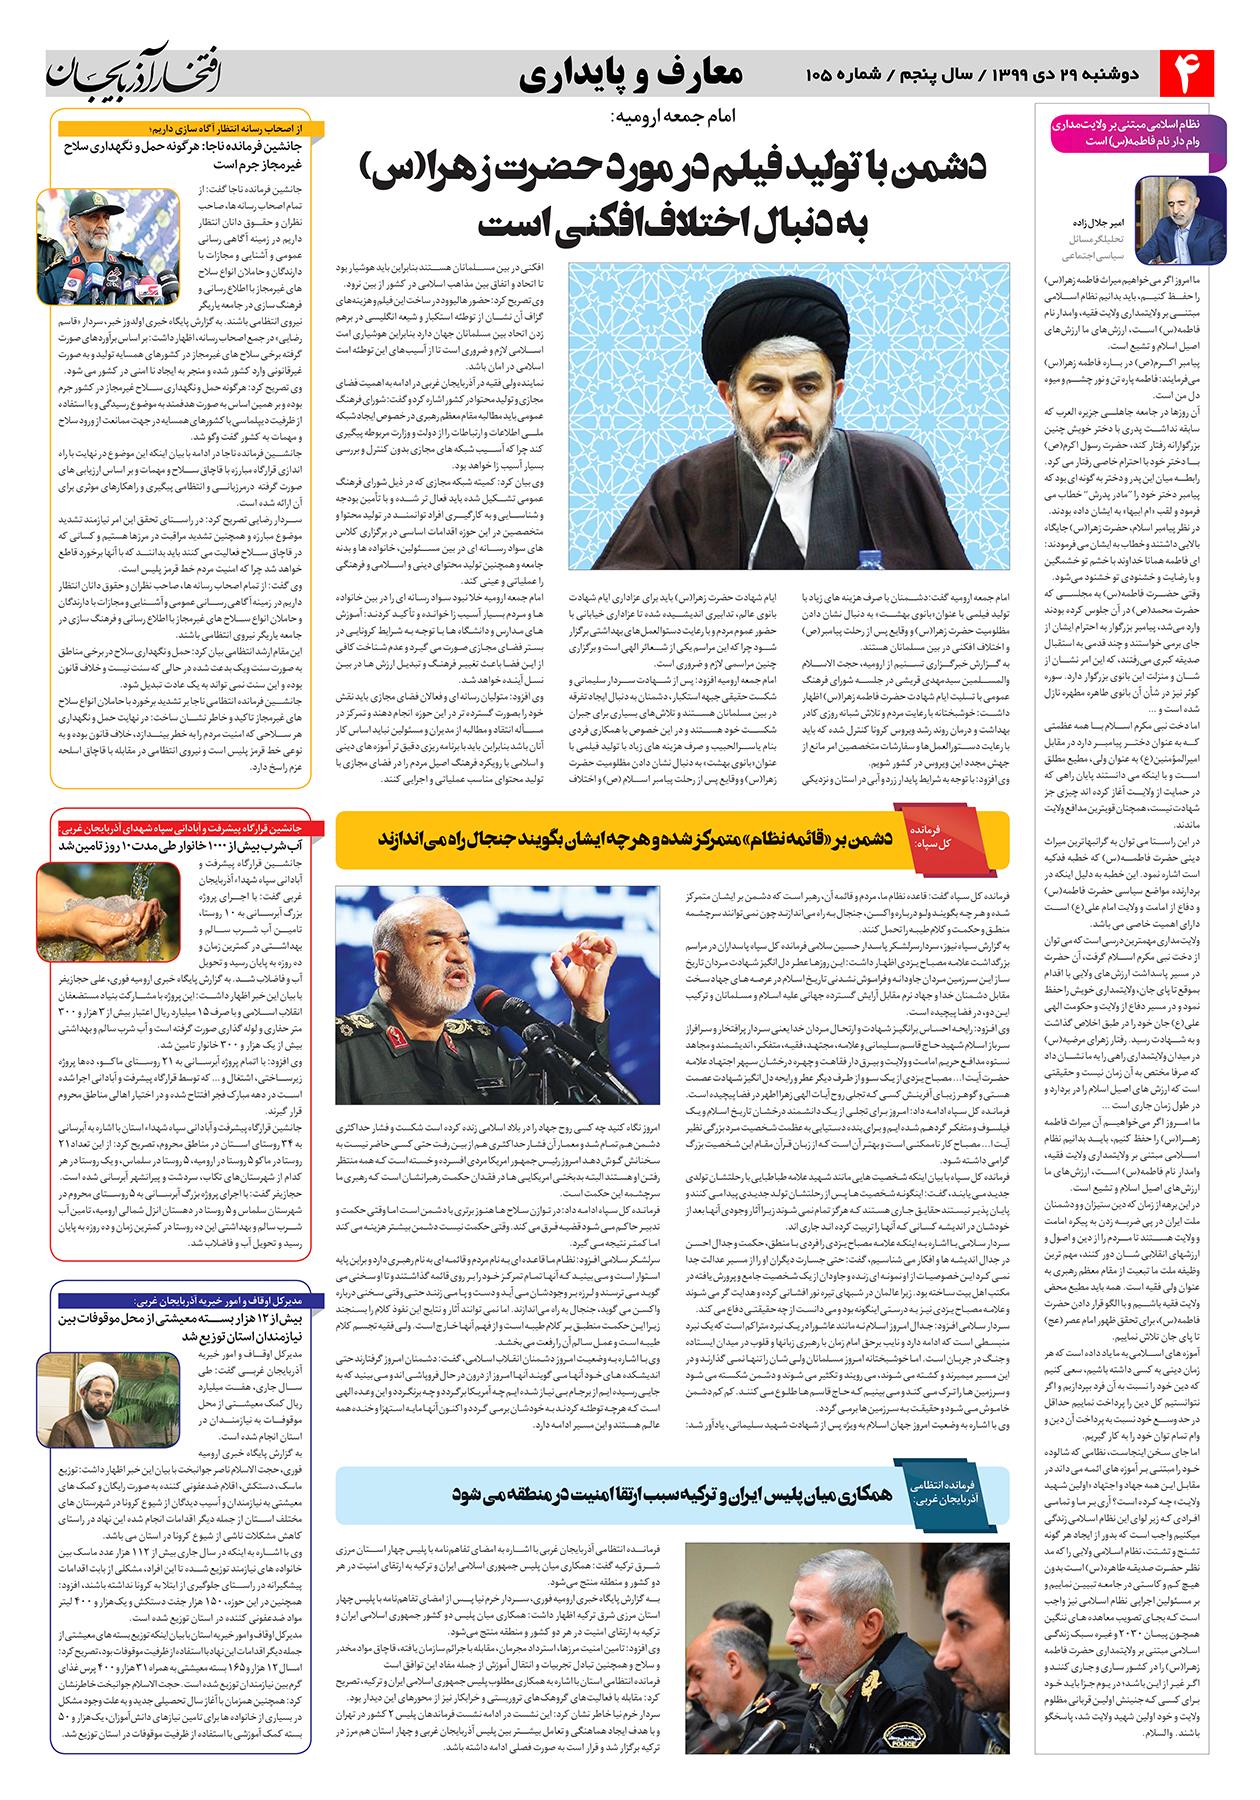 صفحه چهارم هفته نامه افتخار آذربایجان شماره 105